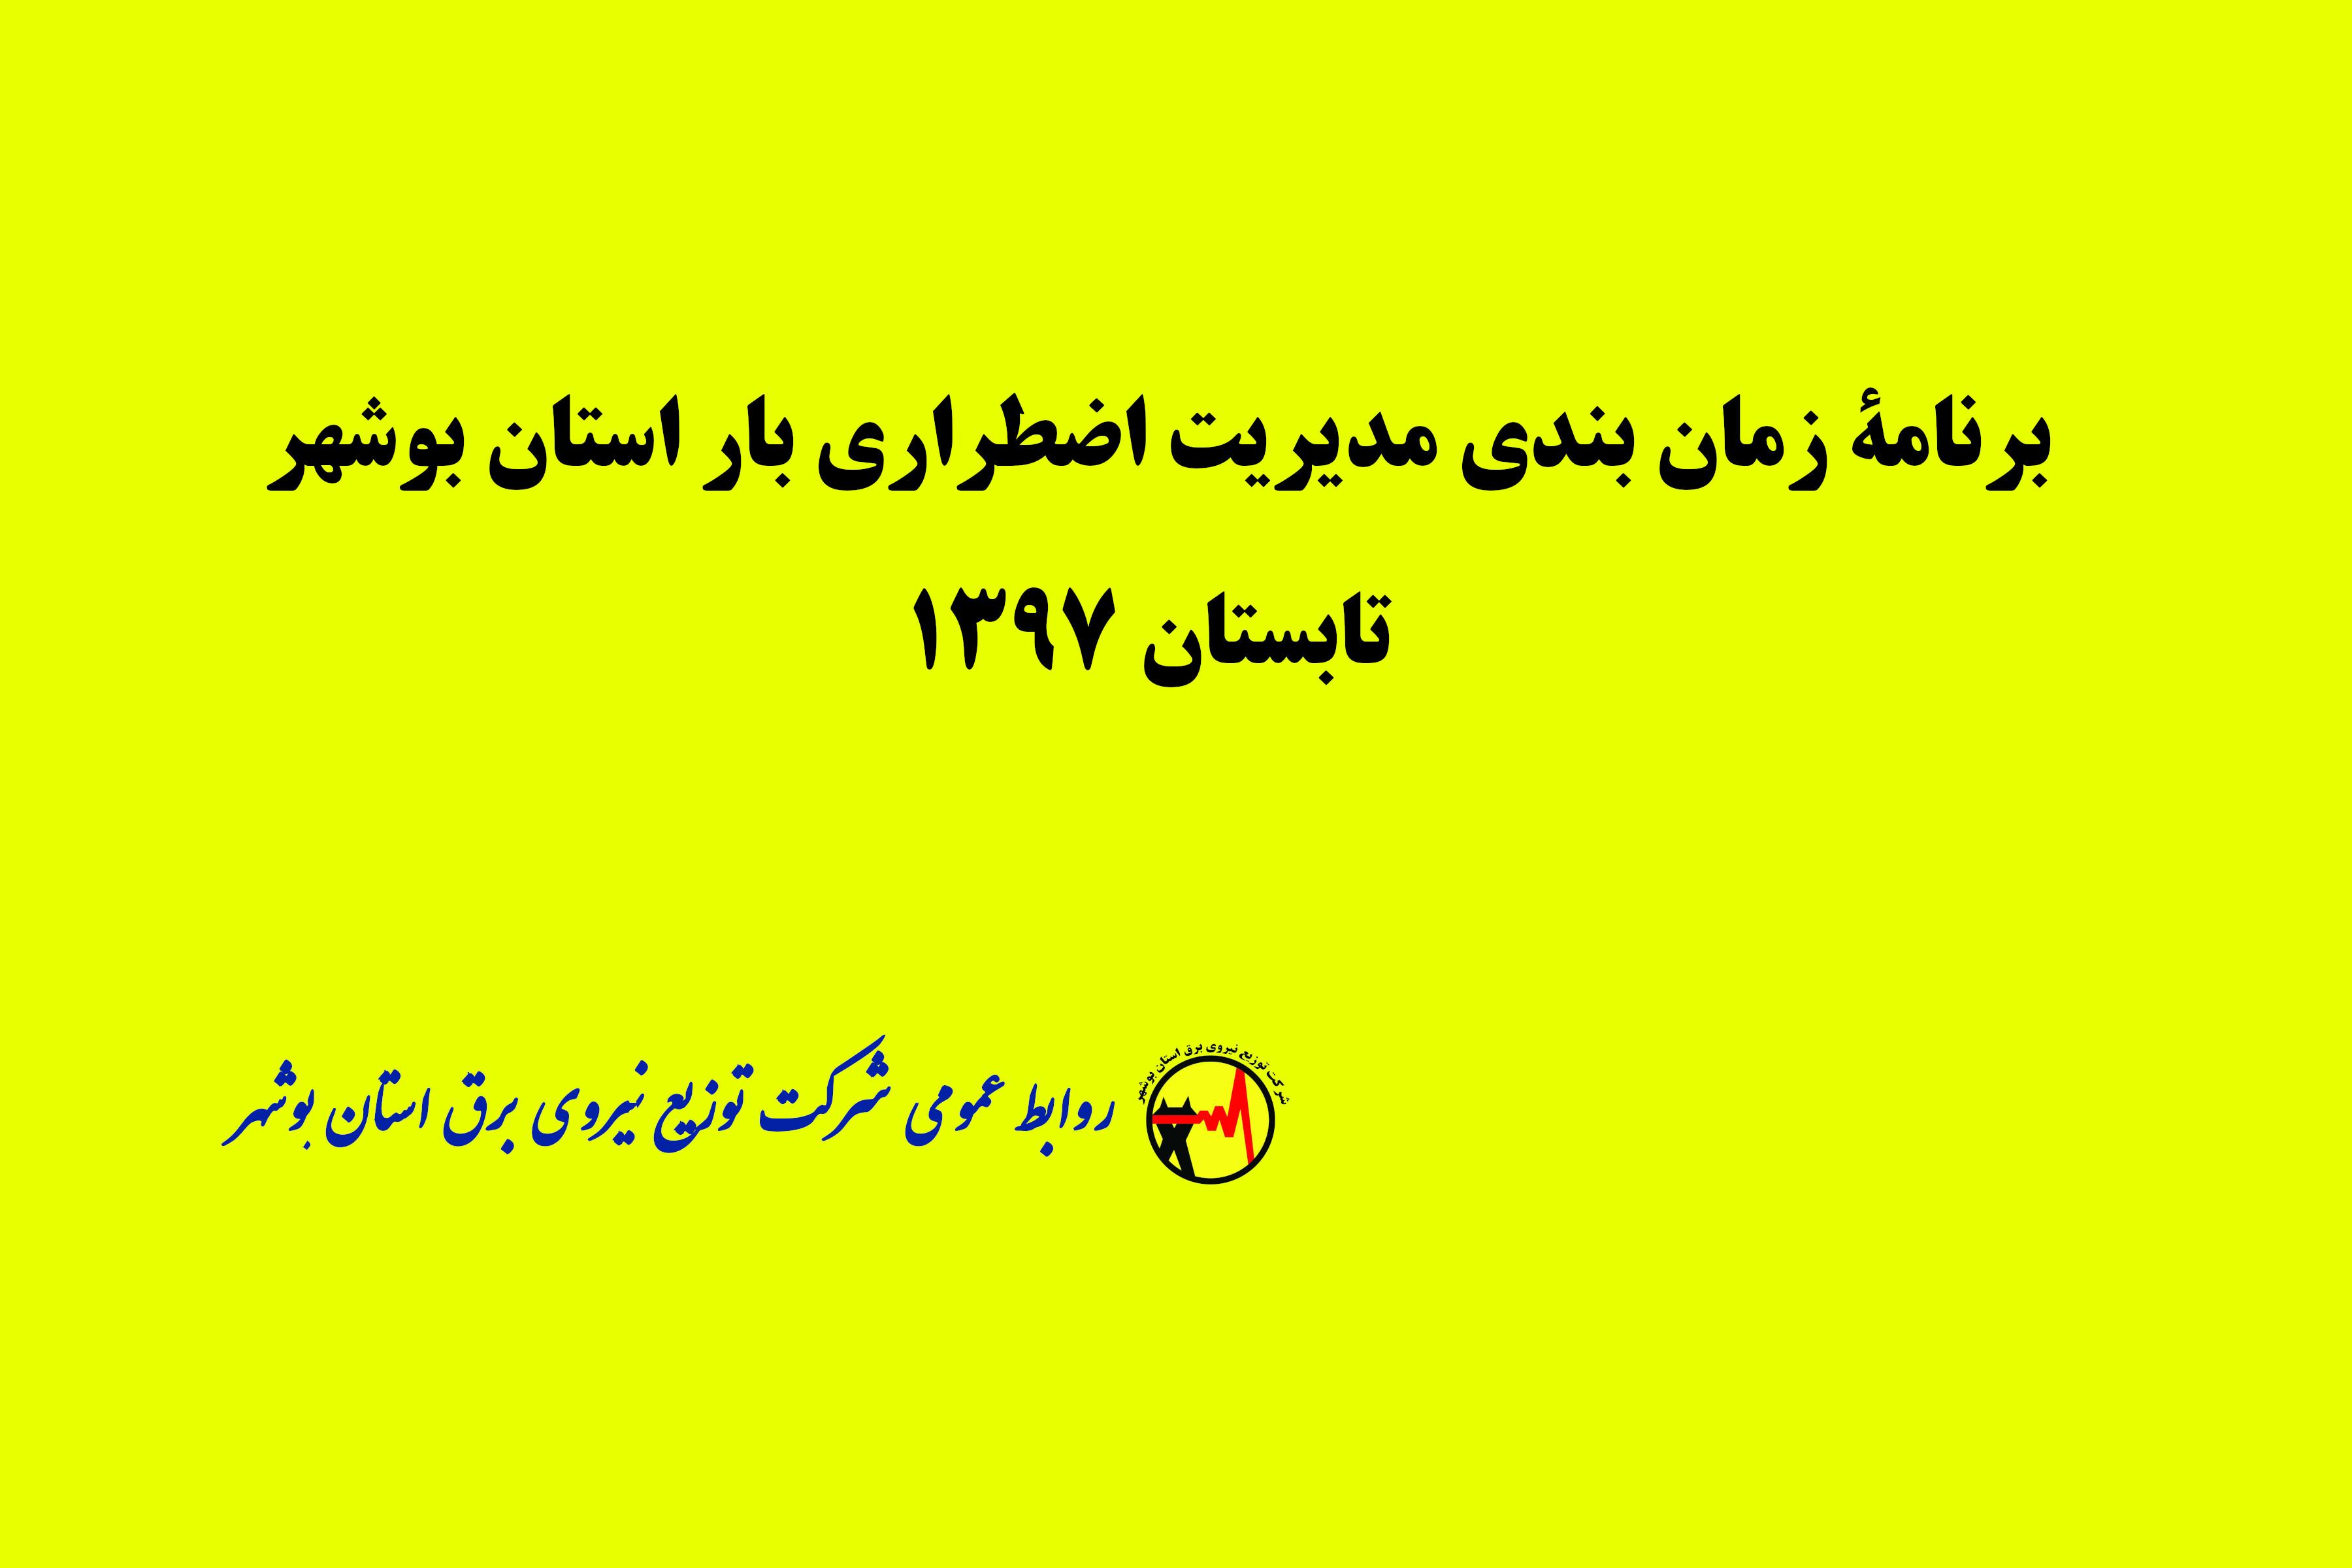 برنامۀ زمان بندی مدیریت اضطراری بار استان بوشهر تابستان ۱۳۹۷